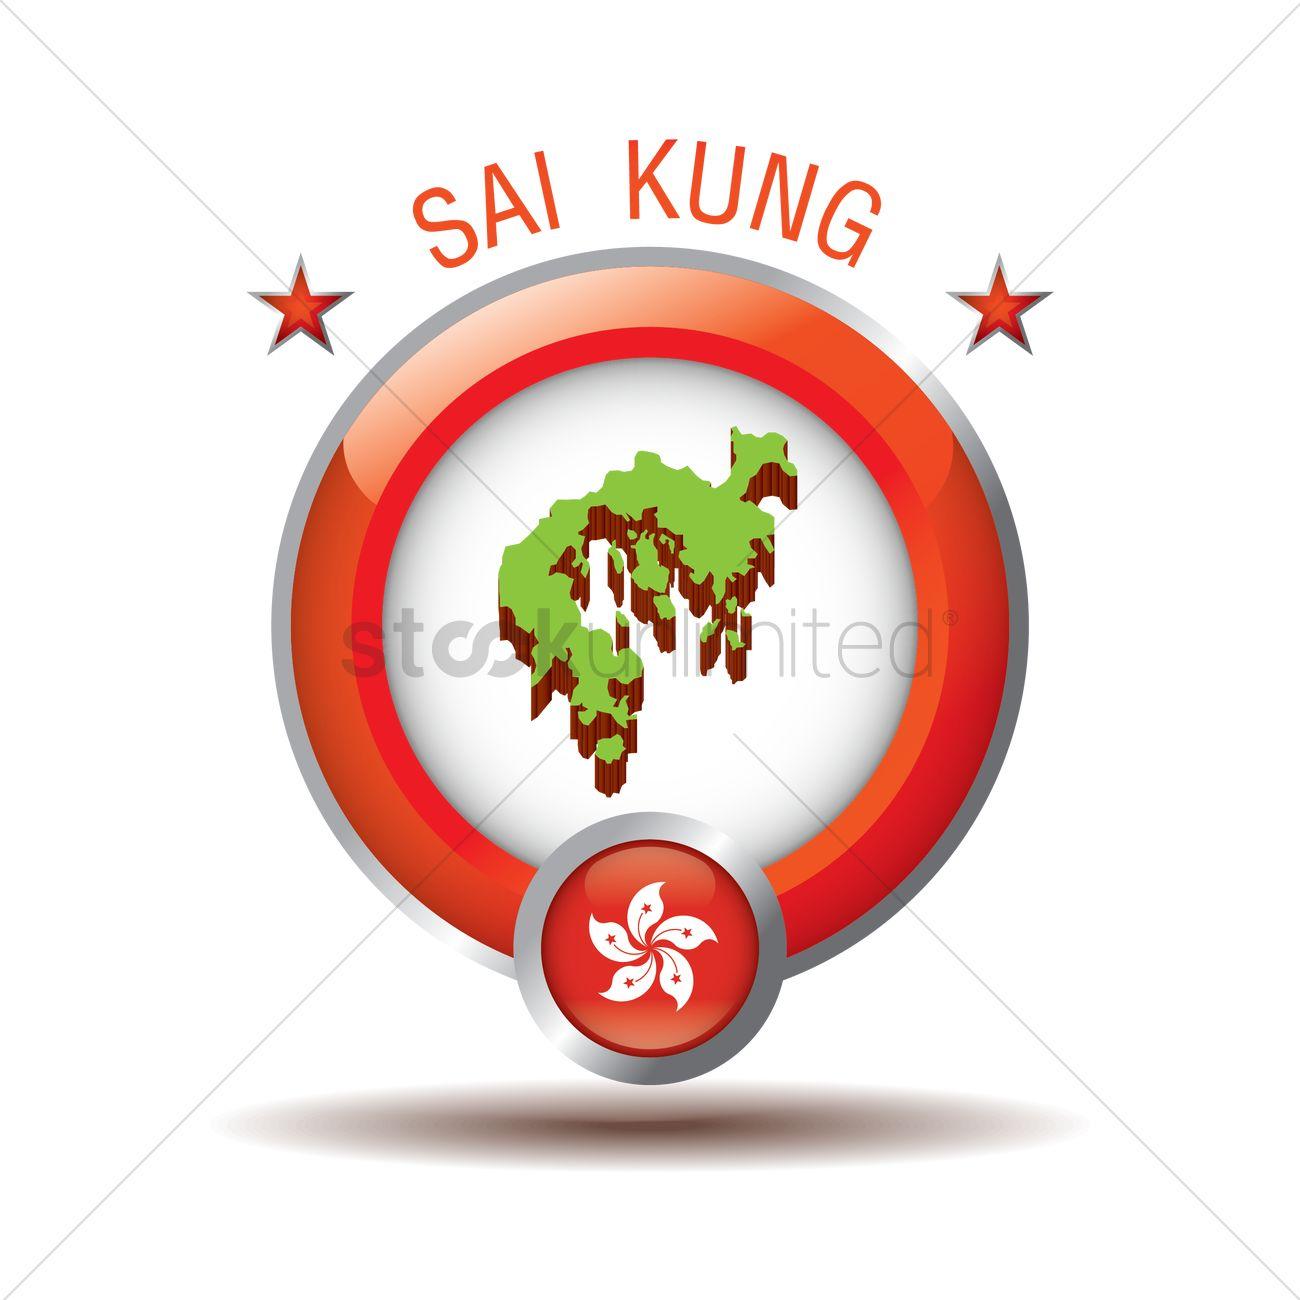 1300x1300 Sai Kung Map Vector Image